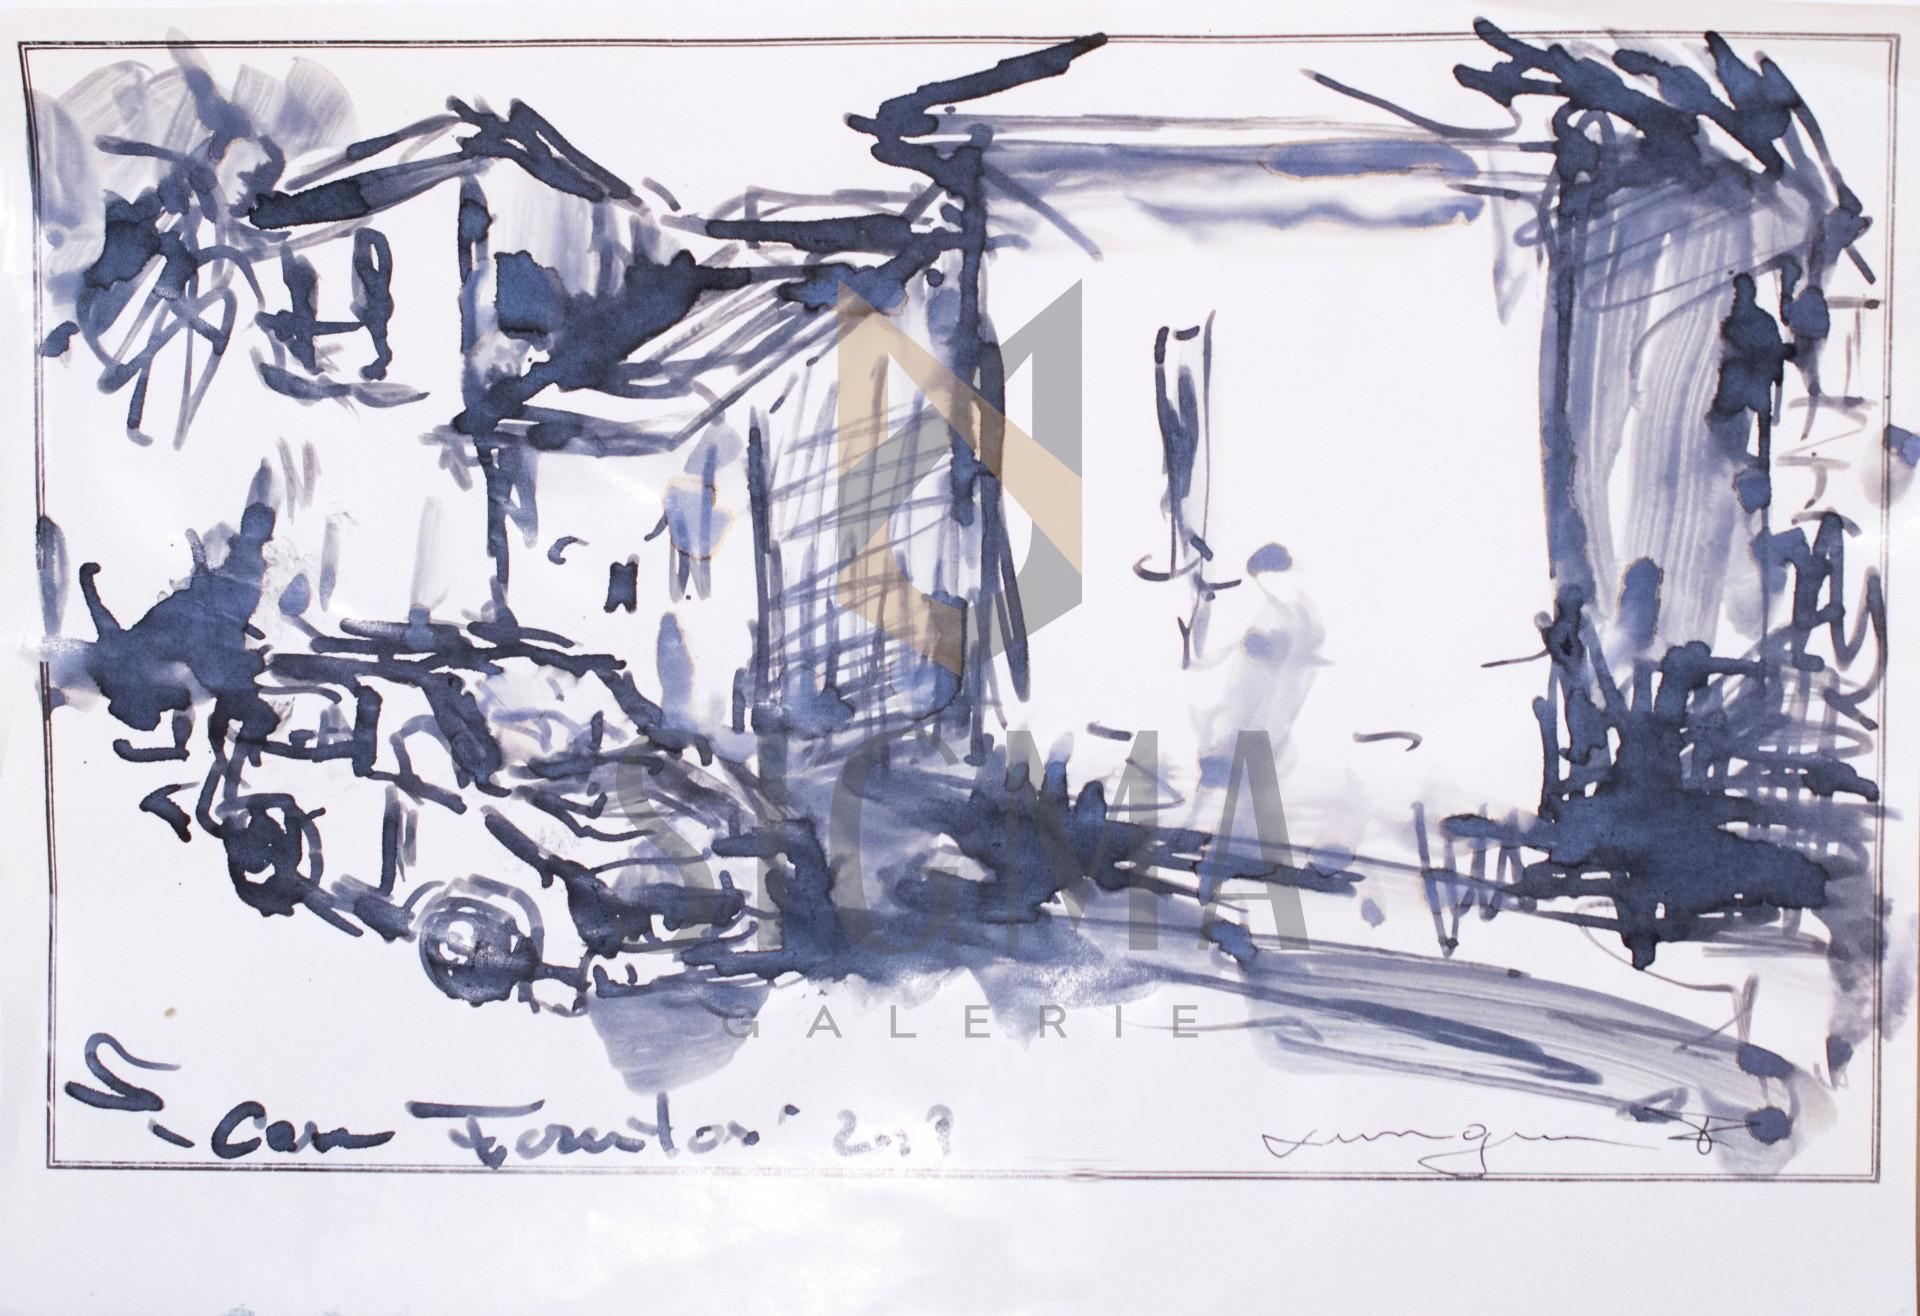 Tablou, Florin Lungu, - Strada in Ferentari - tus, 30x21 cm